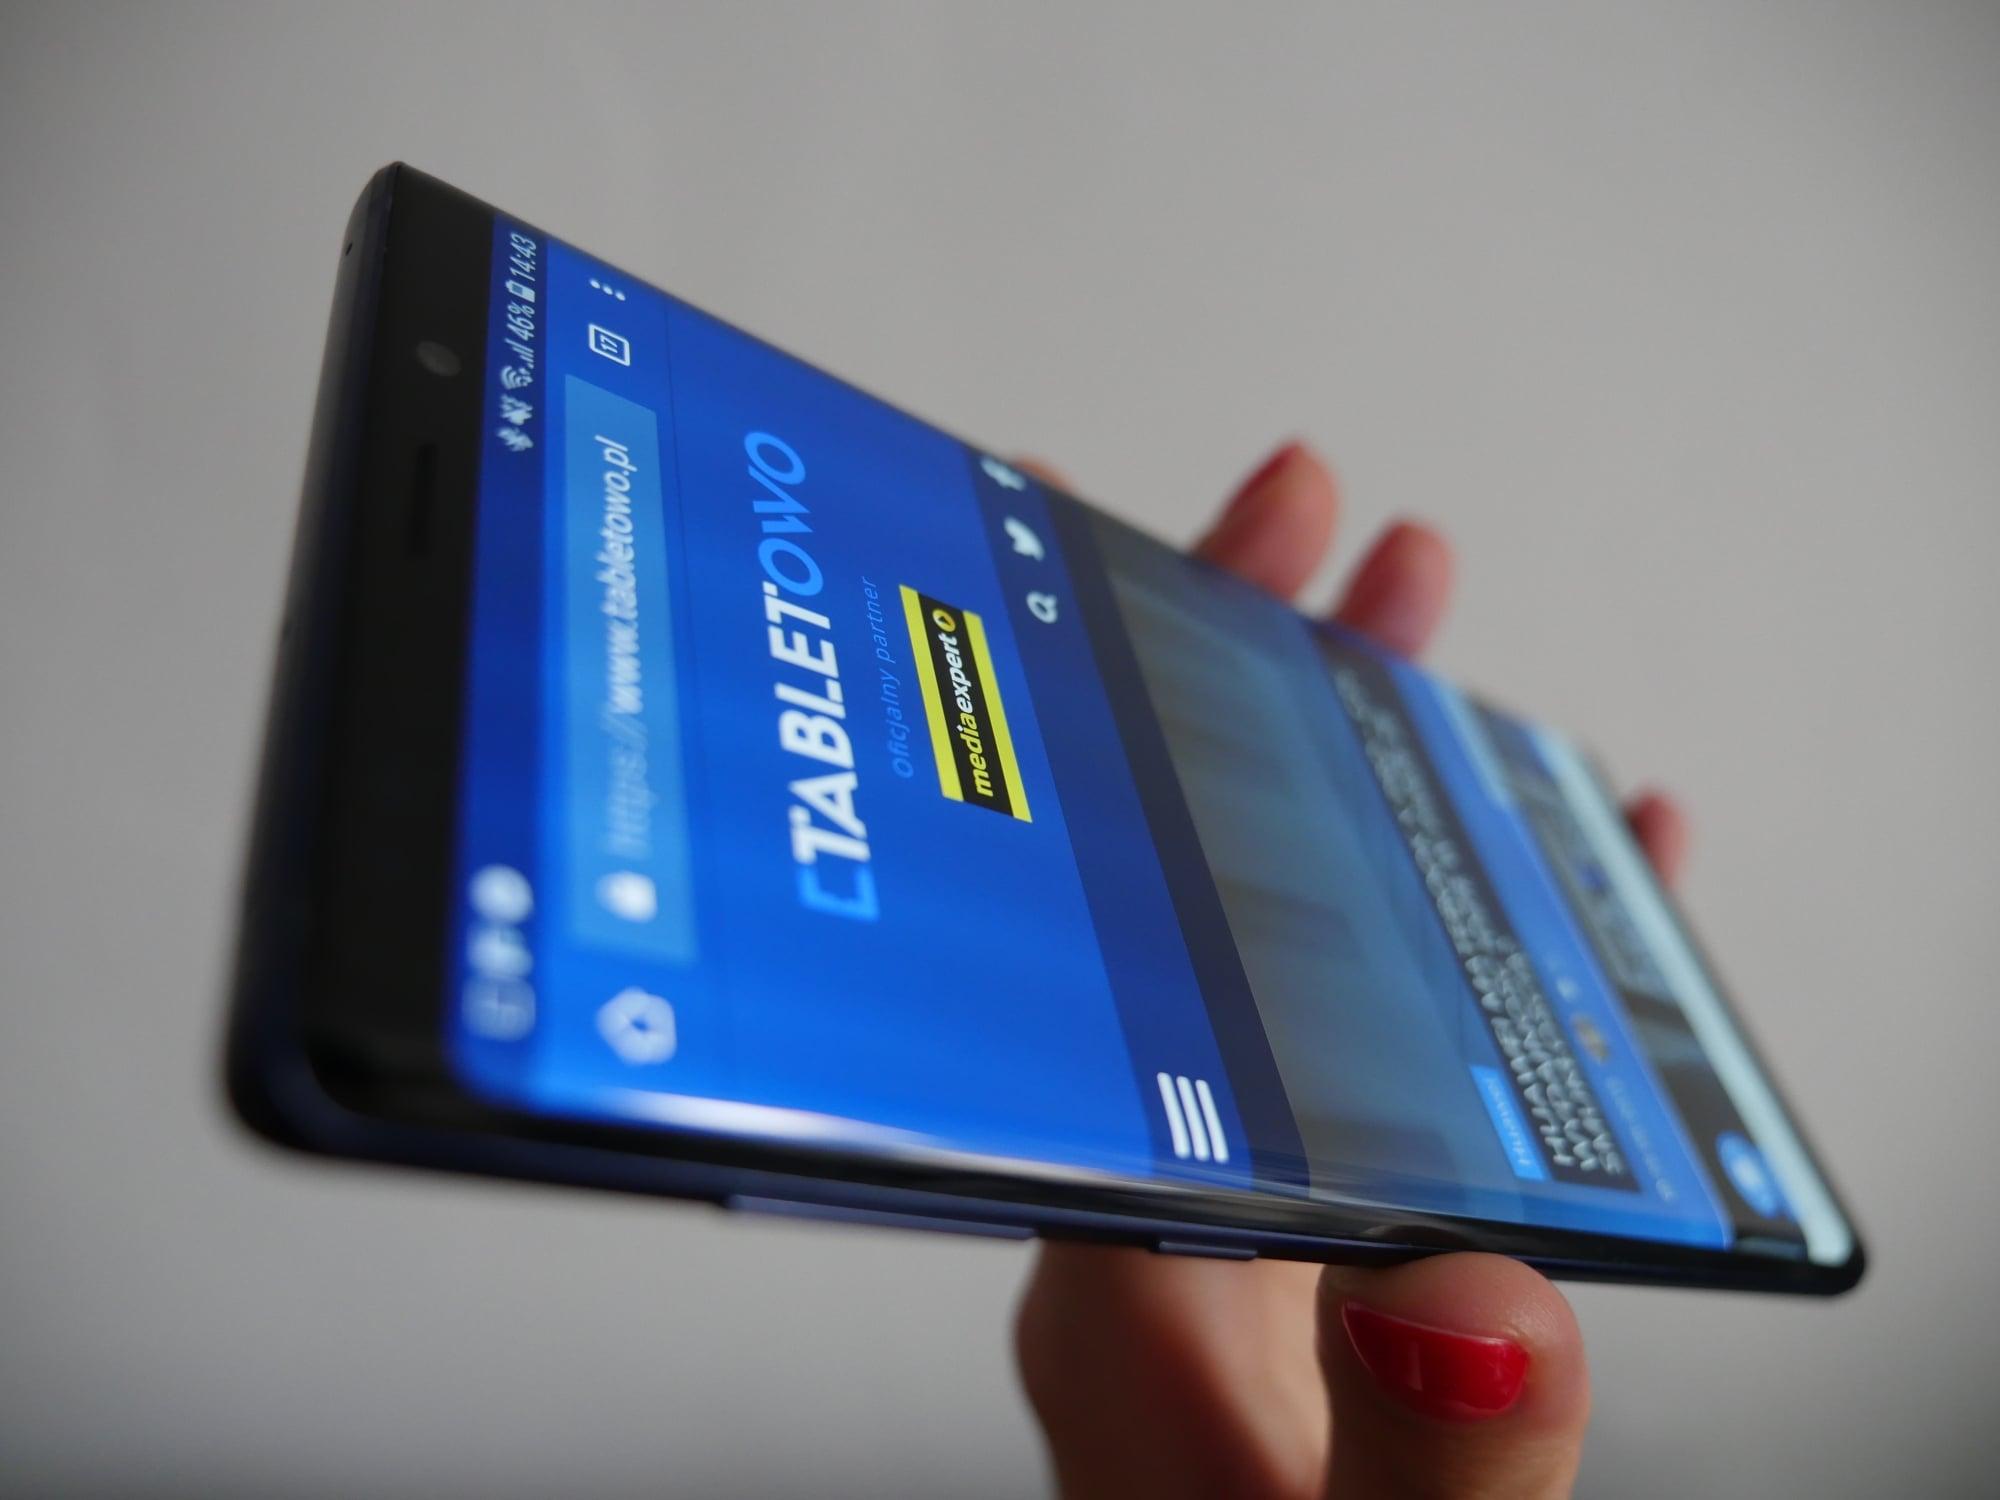 Promocja: Samsung Galaxy Note 9 przeceniony o 500 zł